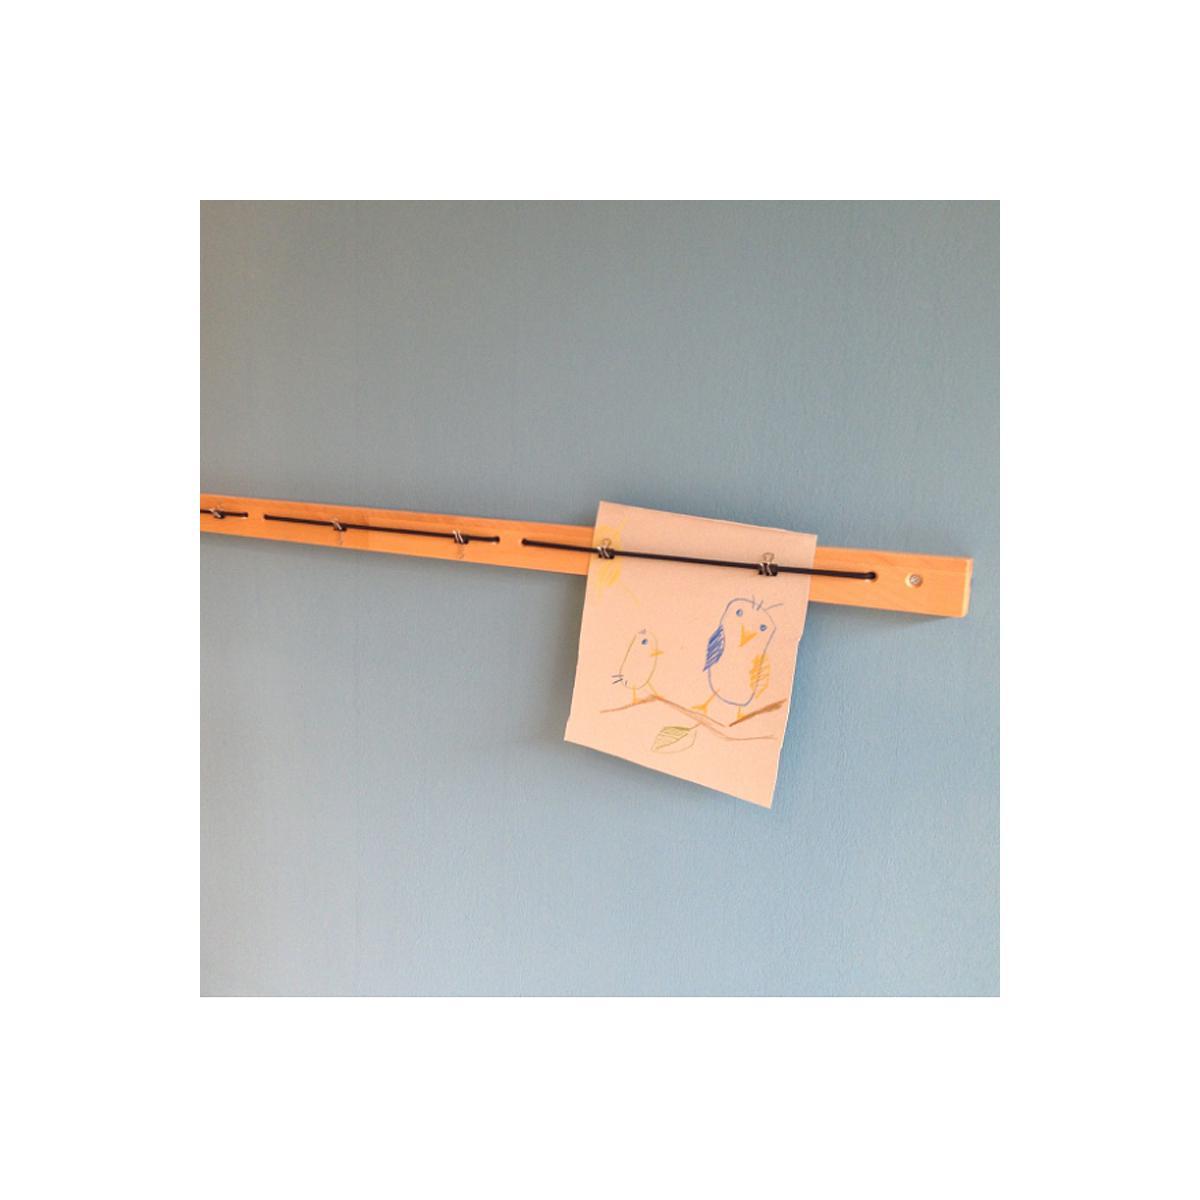 Bilderleiste DETAIL Debreuyn 120cm Buche-natur geölt schwarzes Gummiband